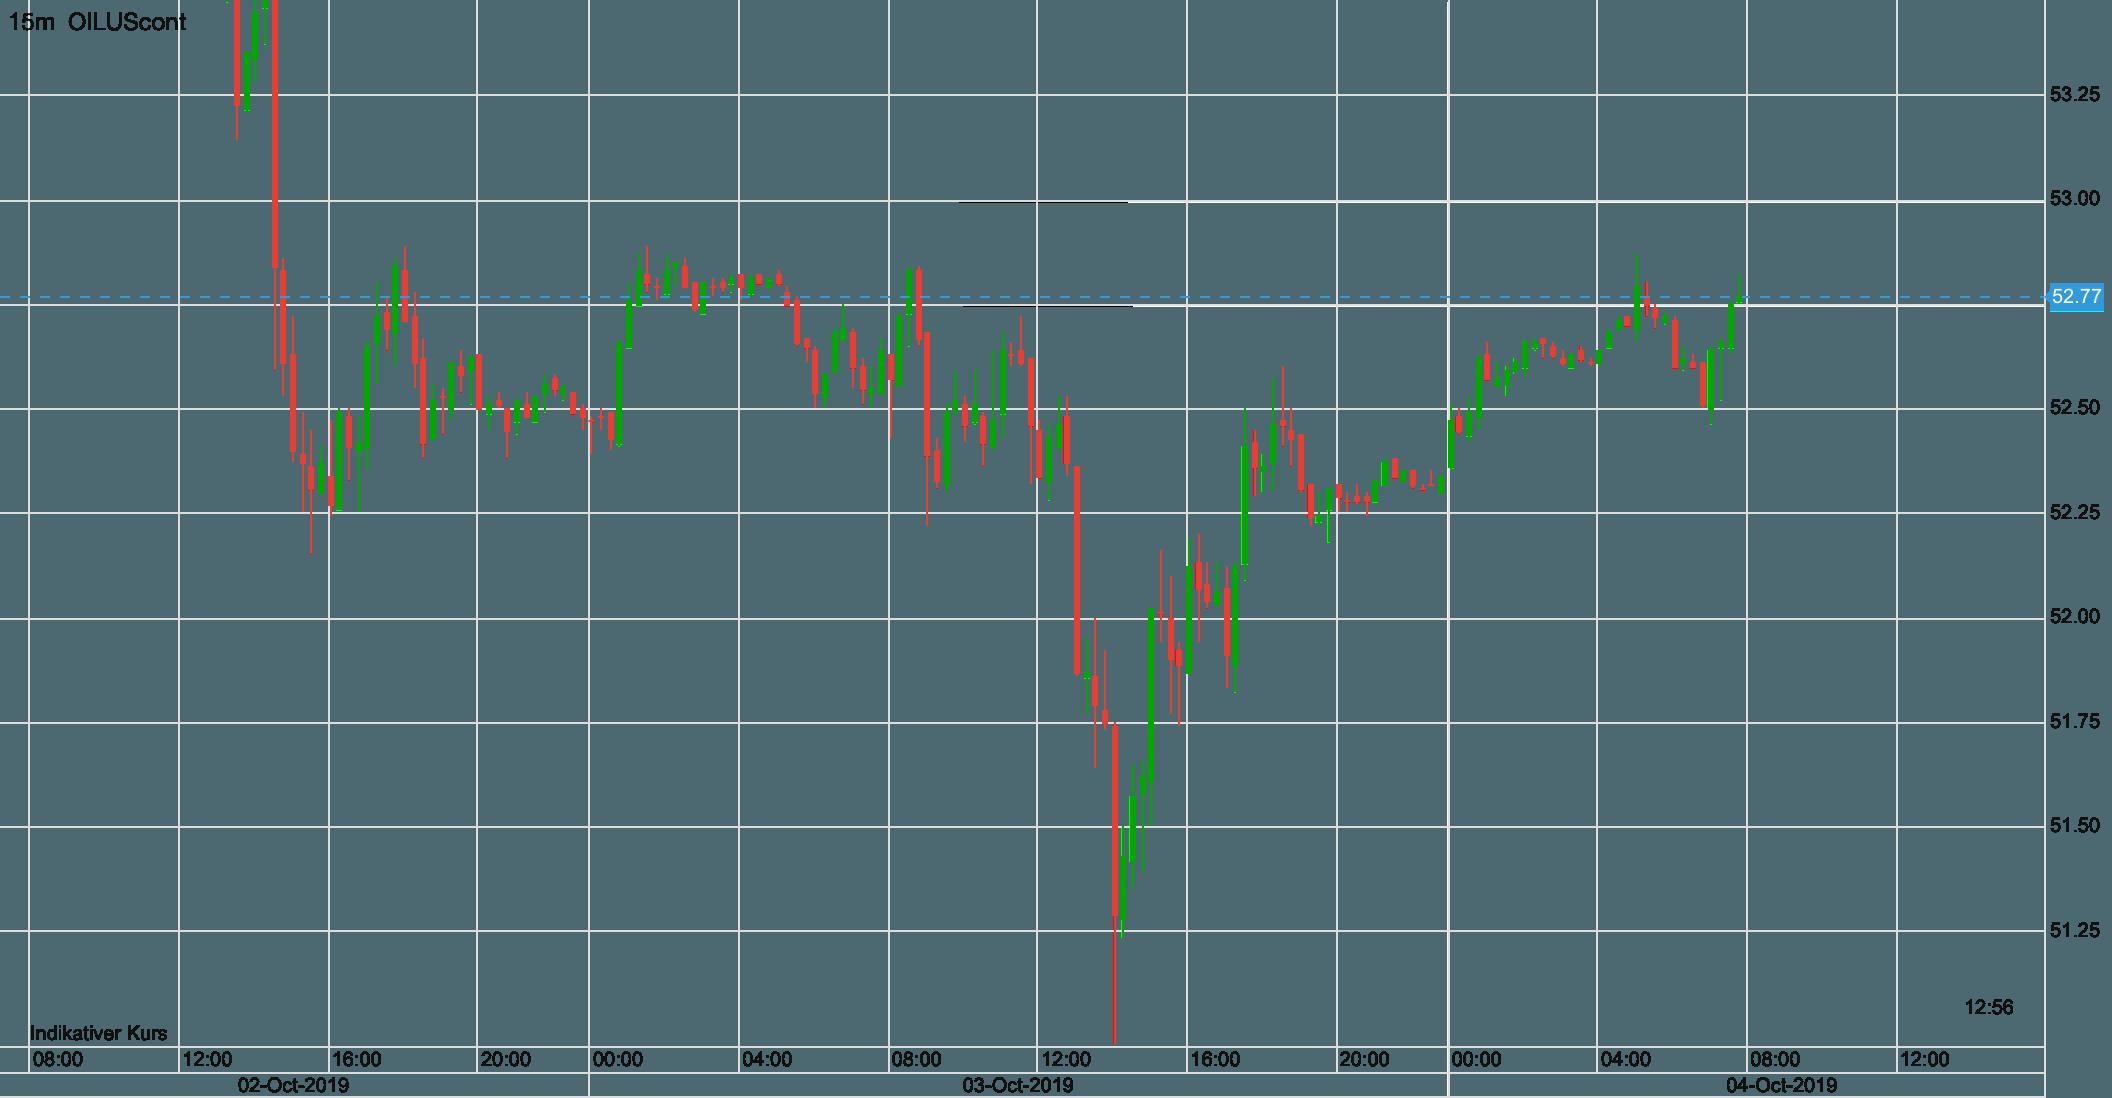 Ölpreis WTI seit Mittwoch